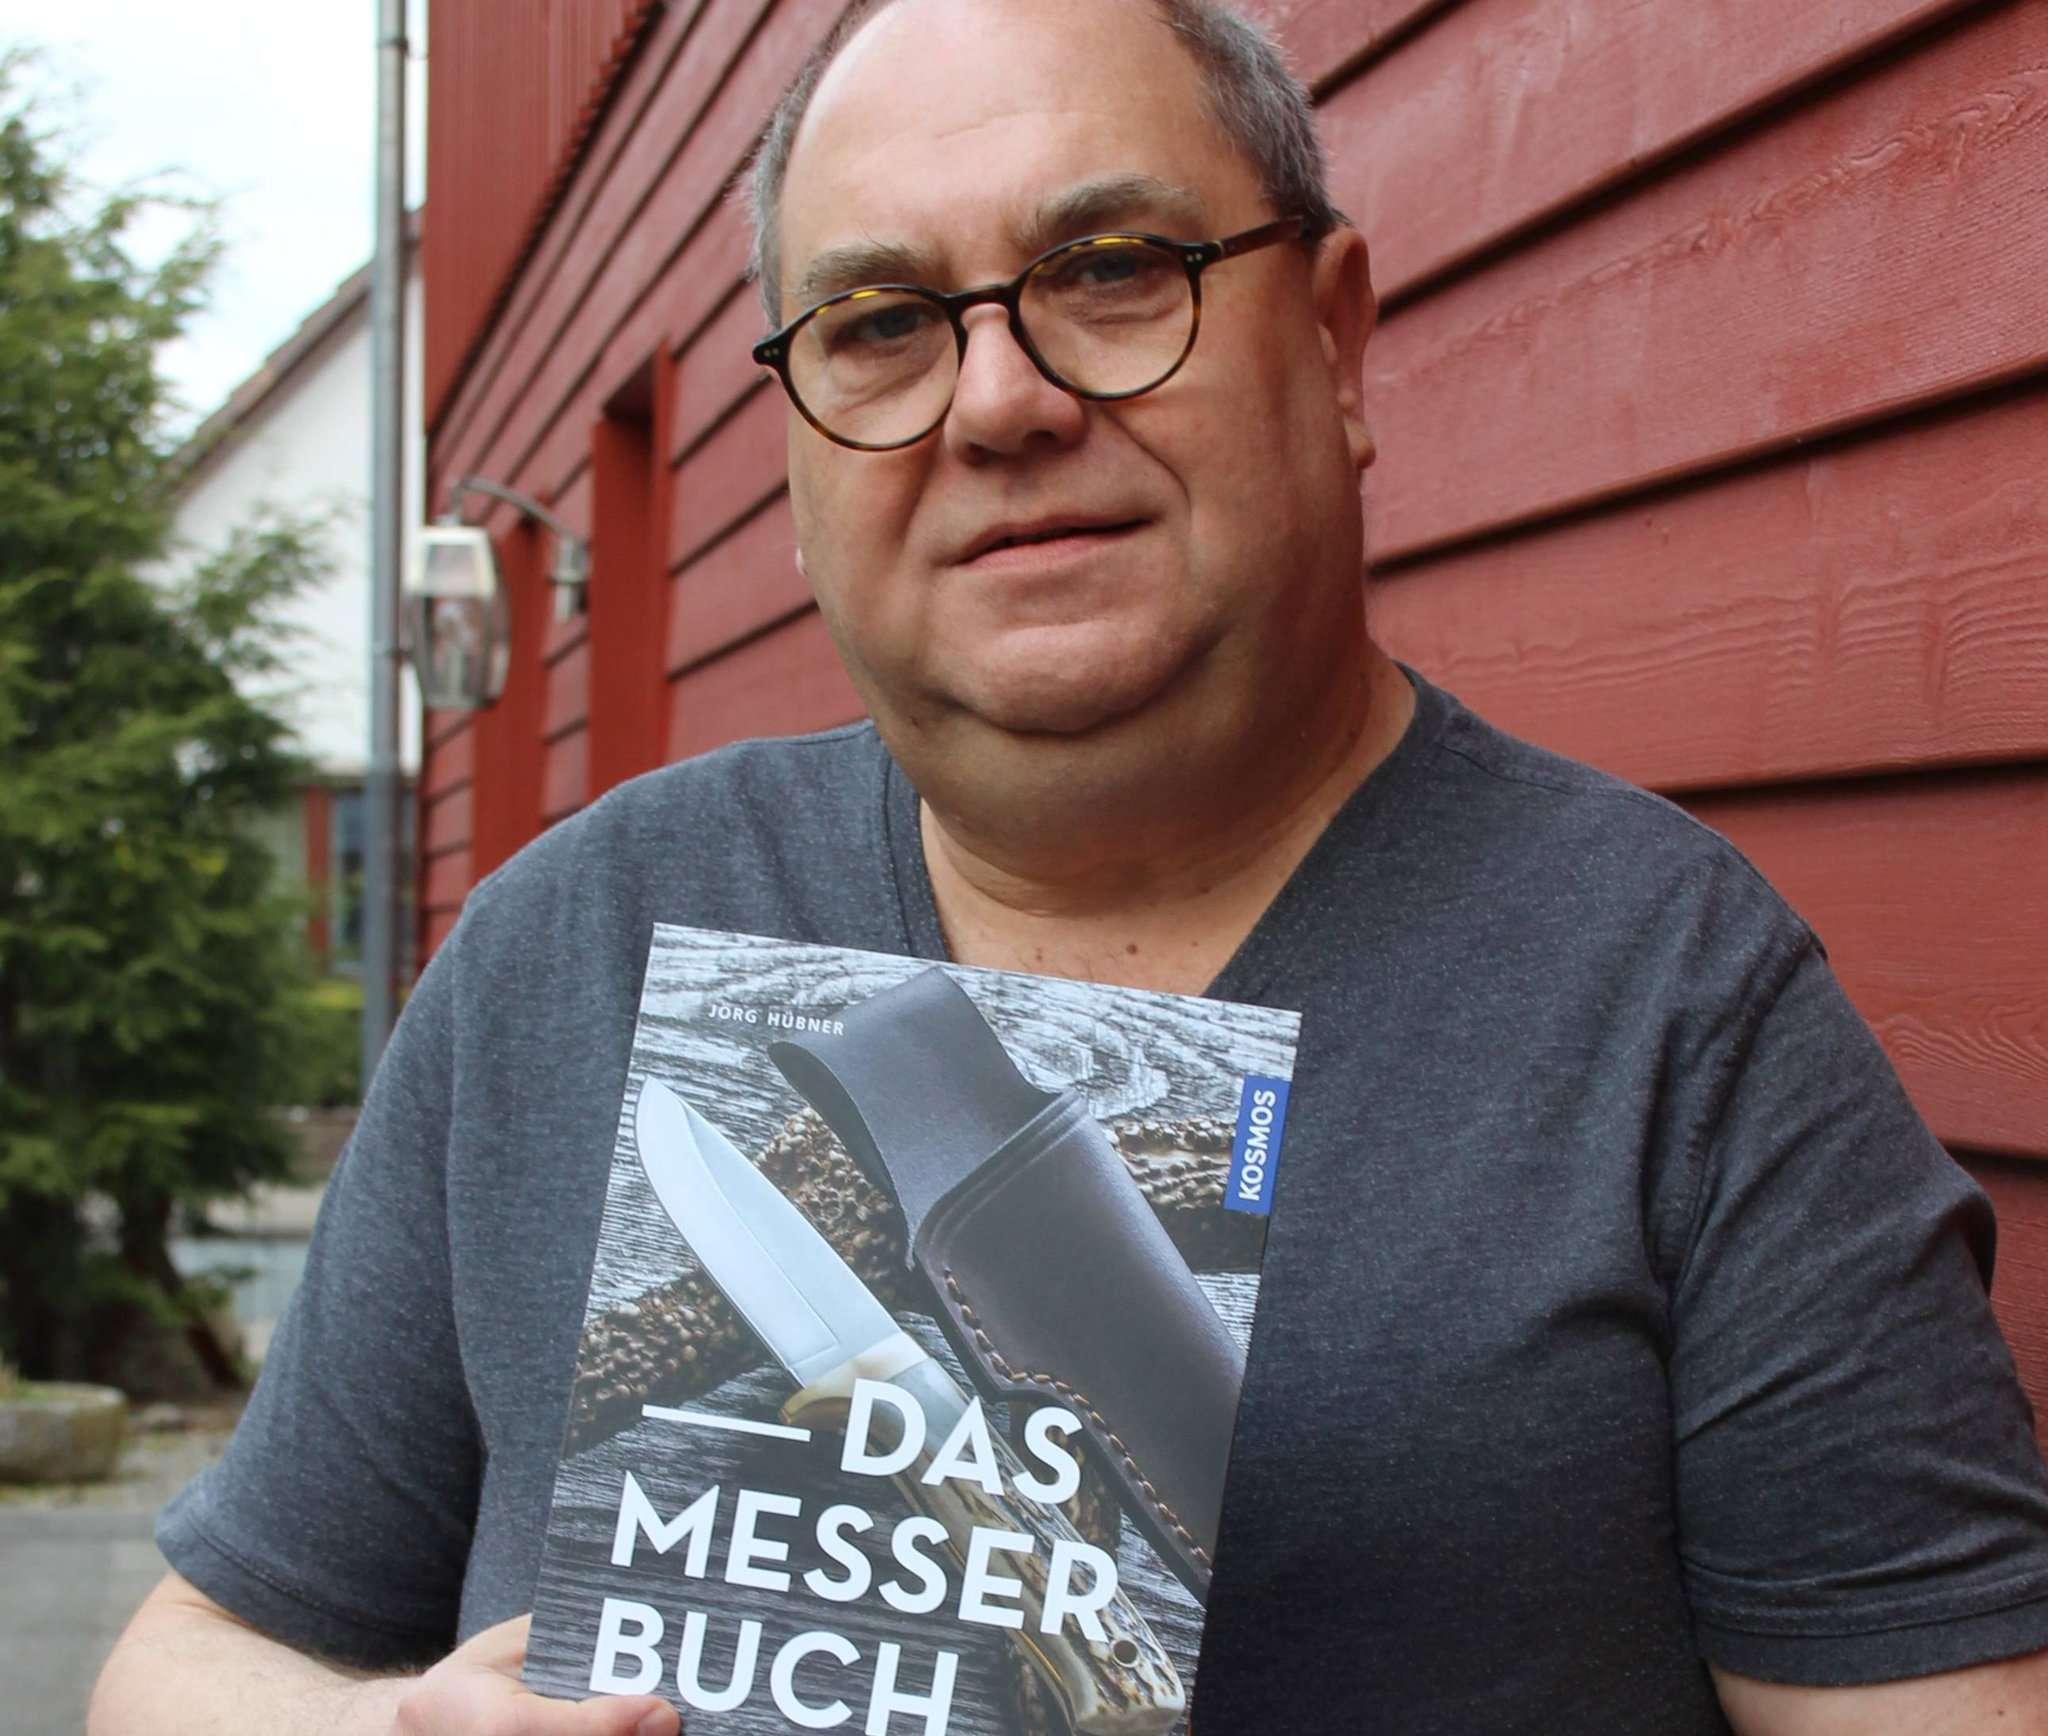 Jörg Hübner hat ein Buch über Messer geschrieben. Foto: Björn Blaak